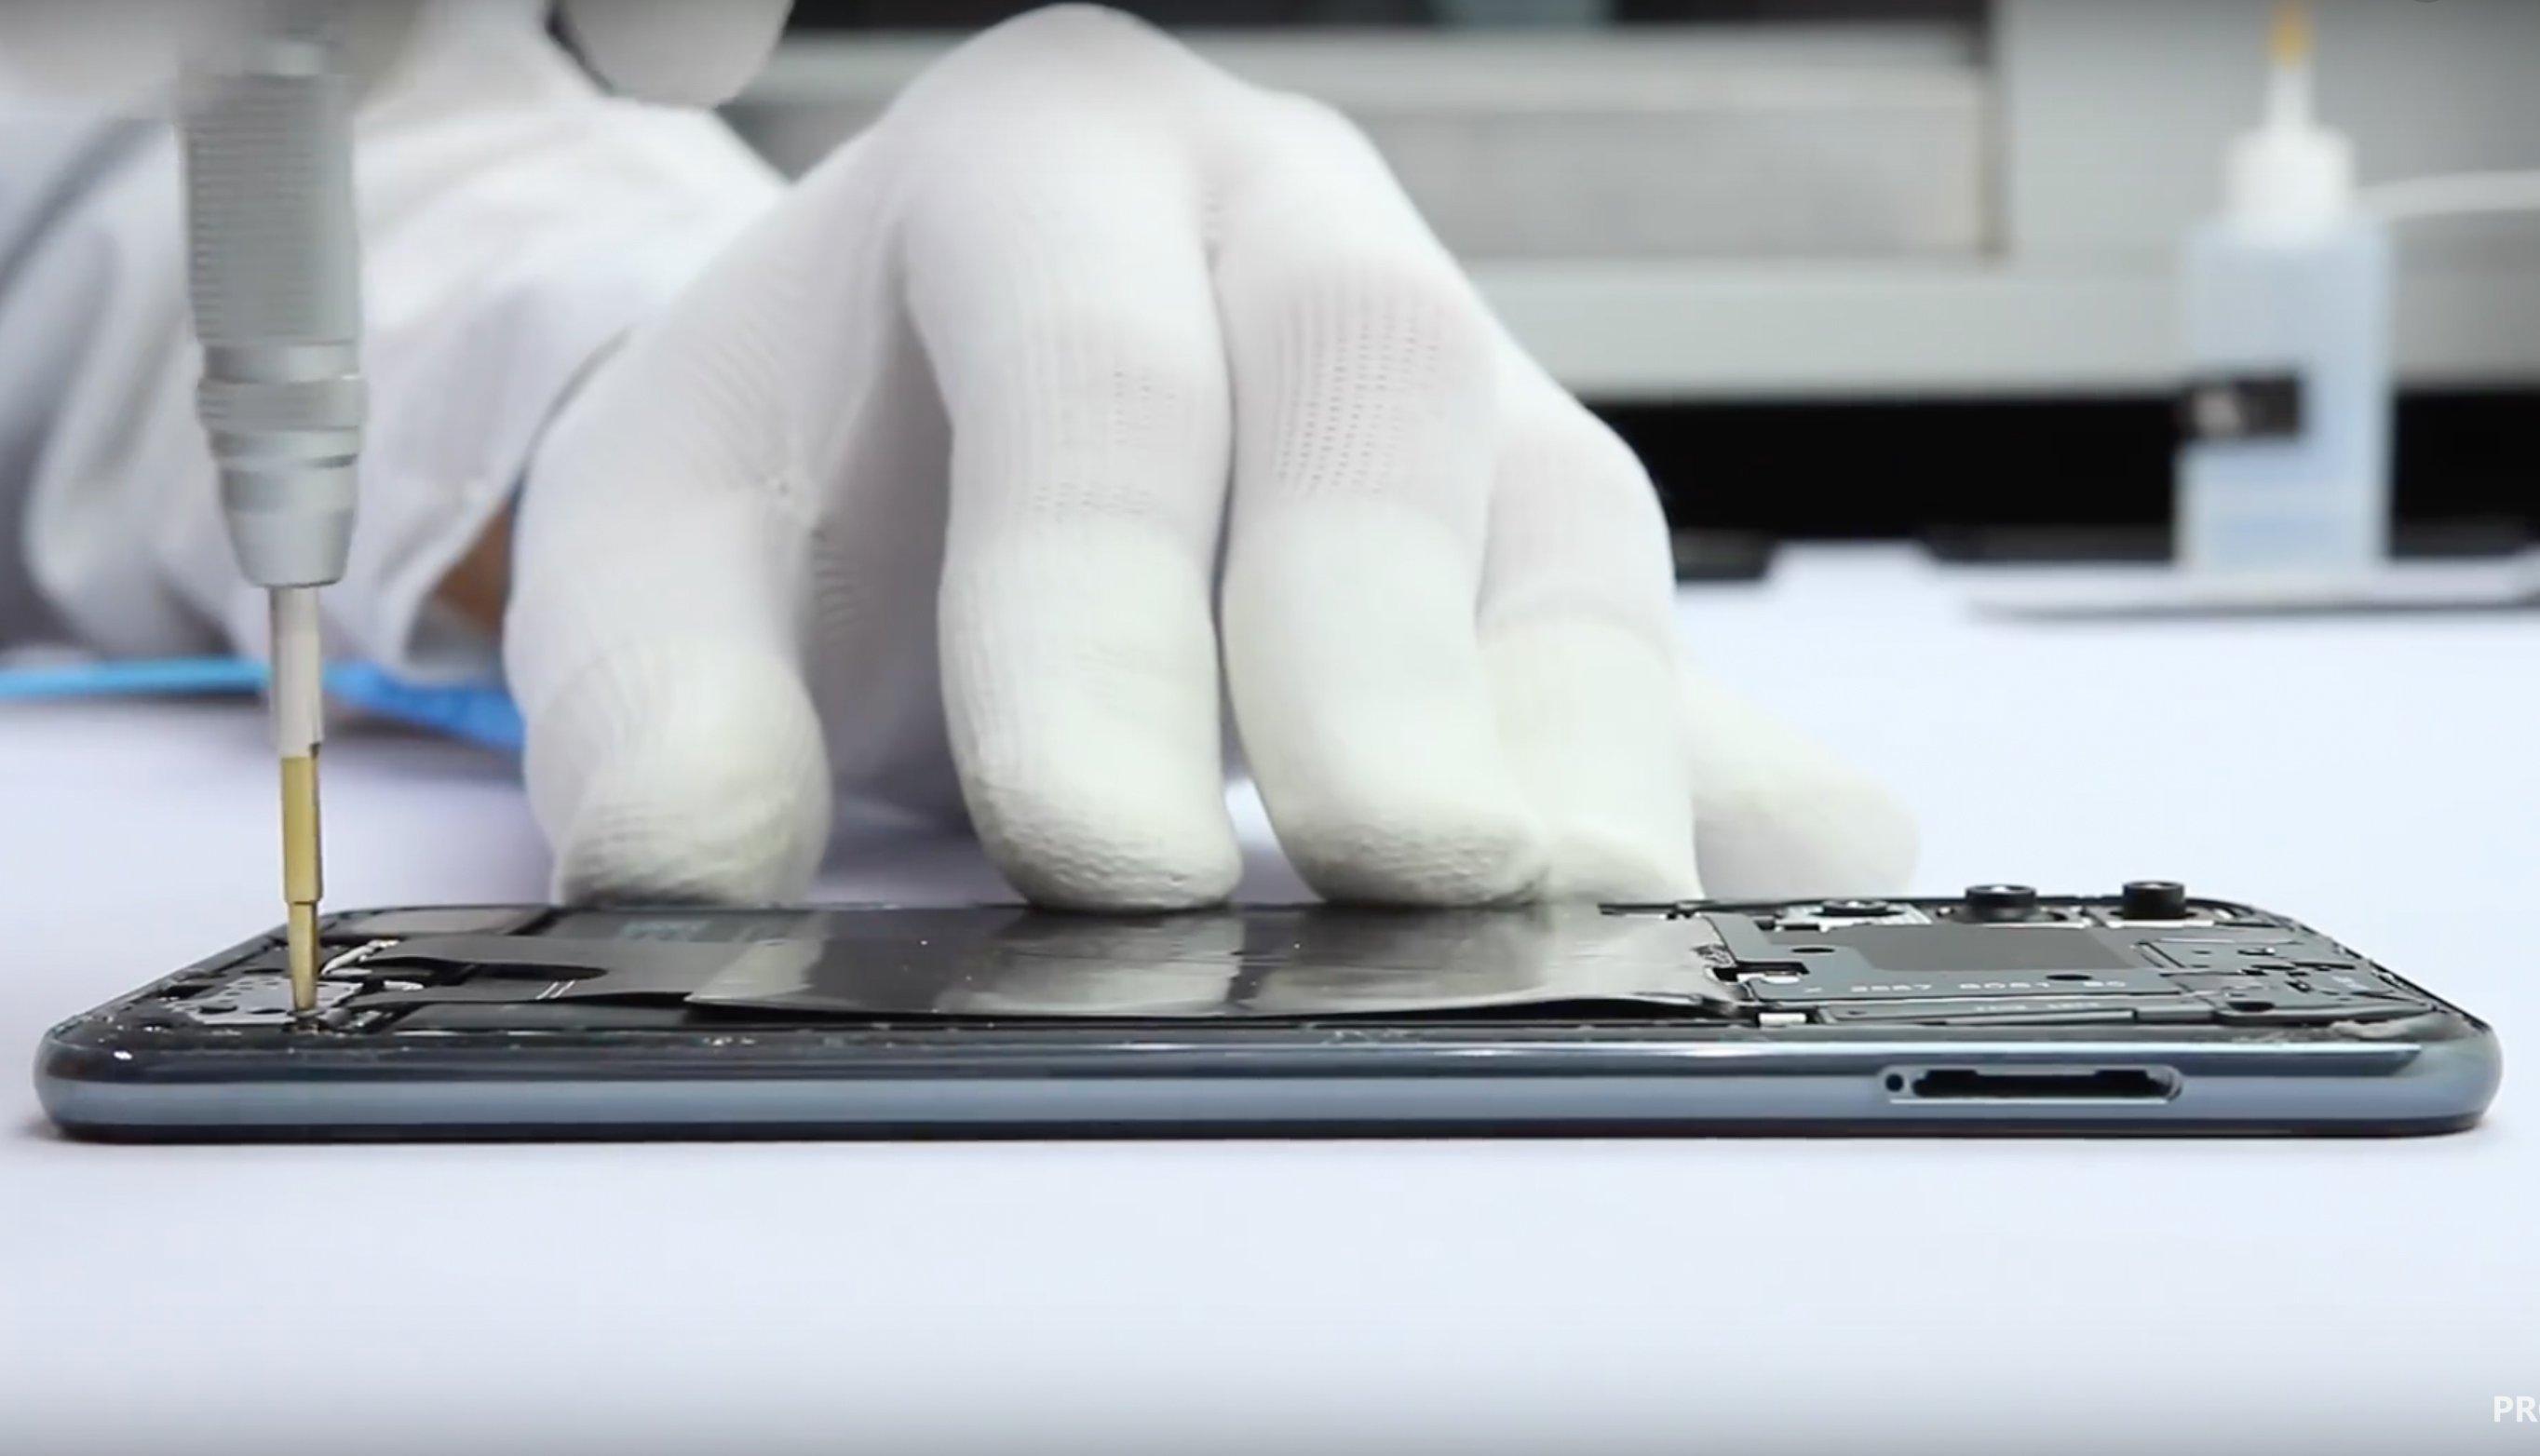 In seine Bestandteile zerlegt: Das Huawei P20 Pro im Teardown